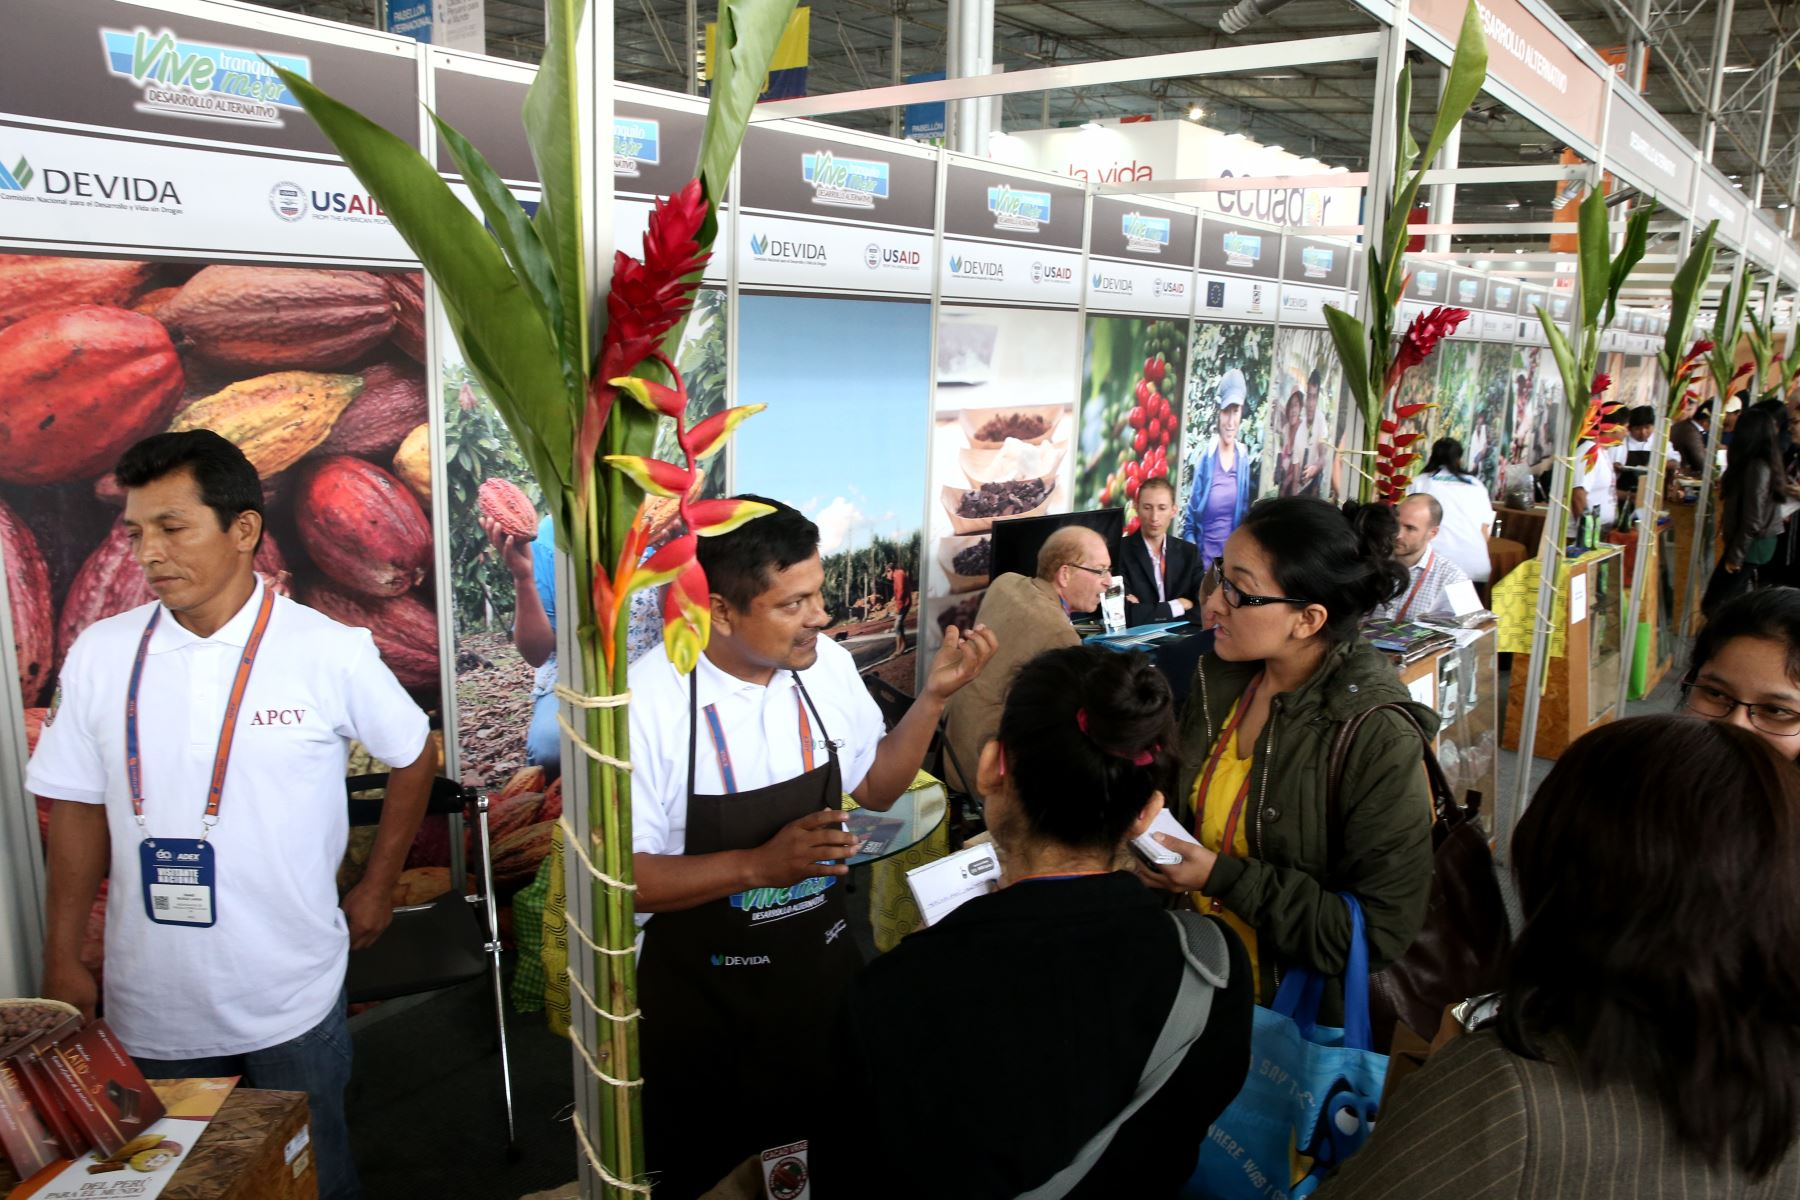 Mincetur busca promover la internacionalización de las empresas peruanas. ANDINA/Oscar Farje